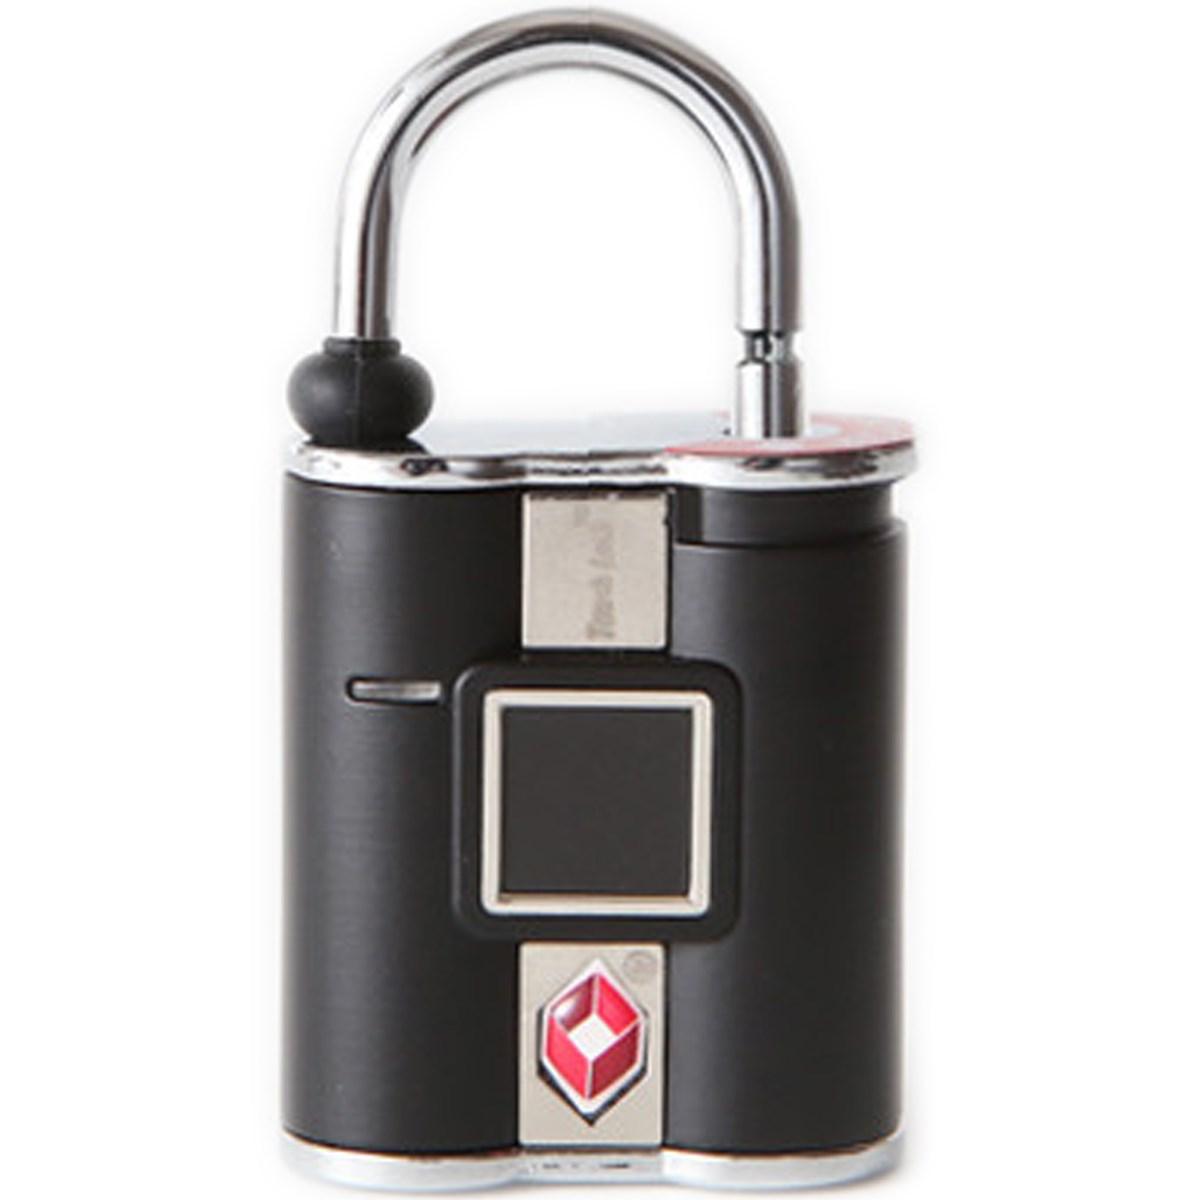 その他メーカー TouchLock TSA 指紋認証型スマート南京錠